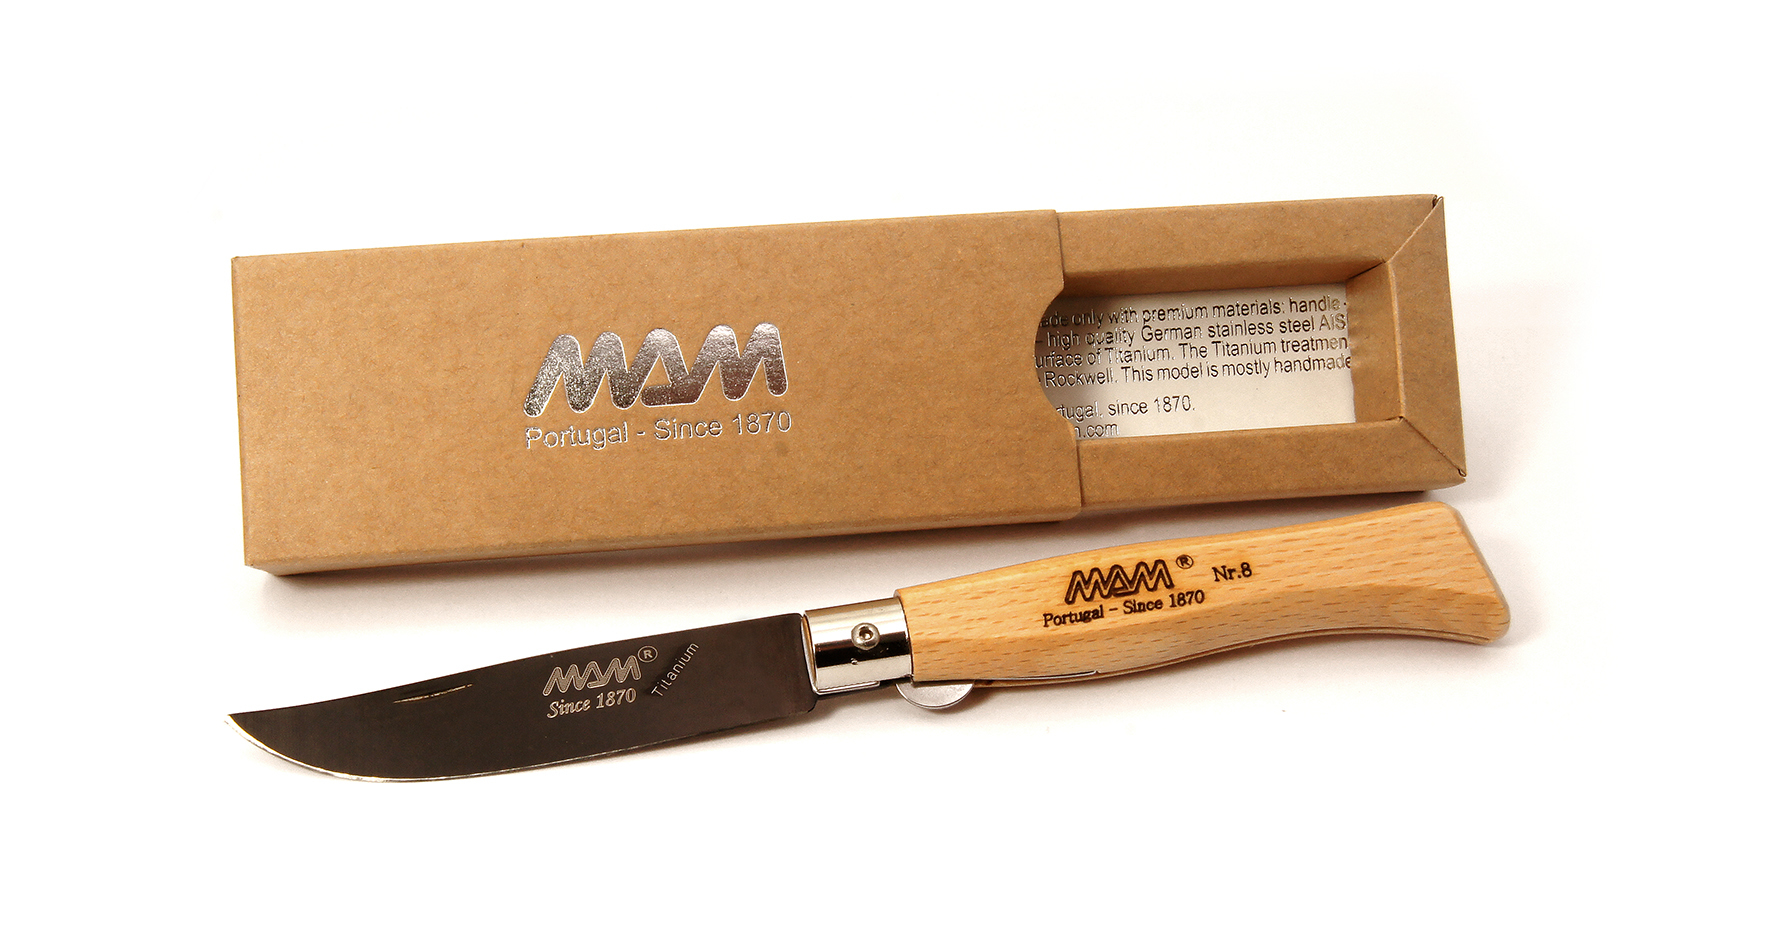 Нож MAM Douro 2085 карниз потолочный пластиковый dda прямой гранд двухрядный карельская берёза 3 2